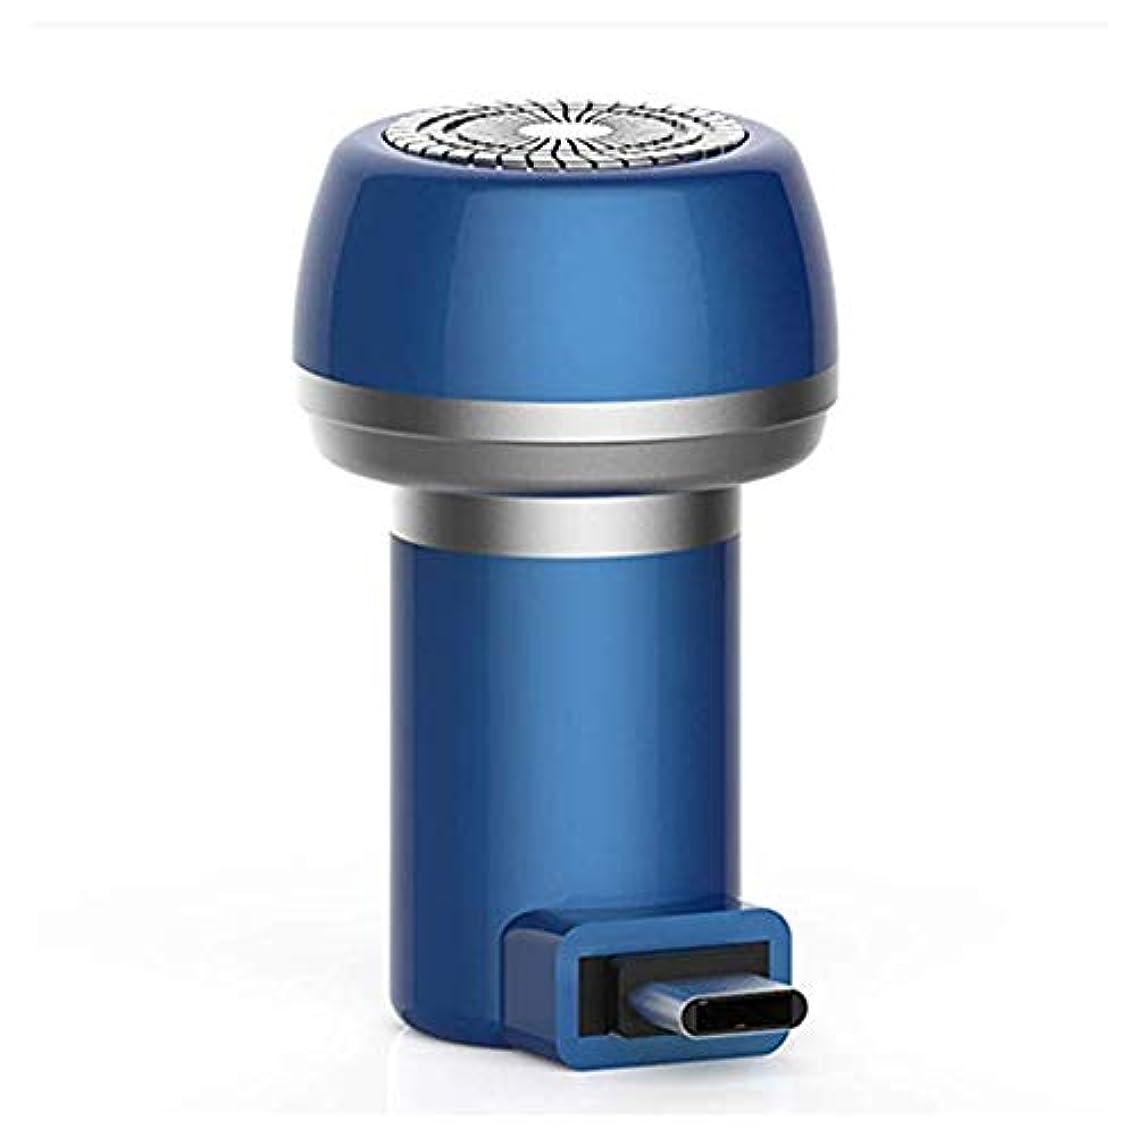 トラベル電気シェーバー、携帯電話シェーバーと互換性のある男性と女性用の電気真空包装用電気顔シェーバーリムーバー、 (Type-c, ブルー)